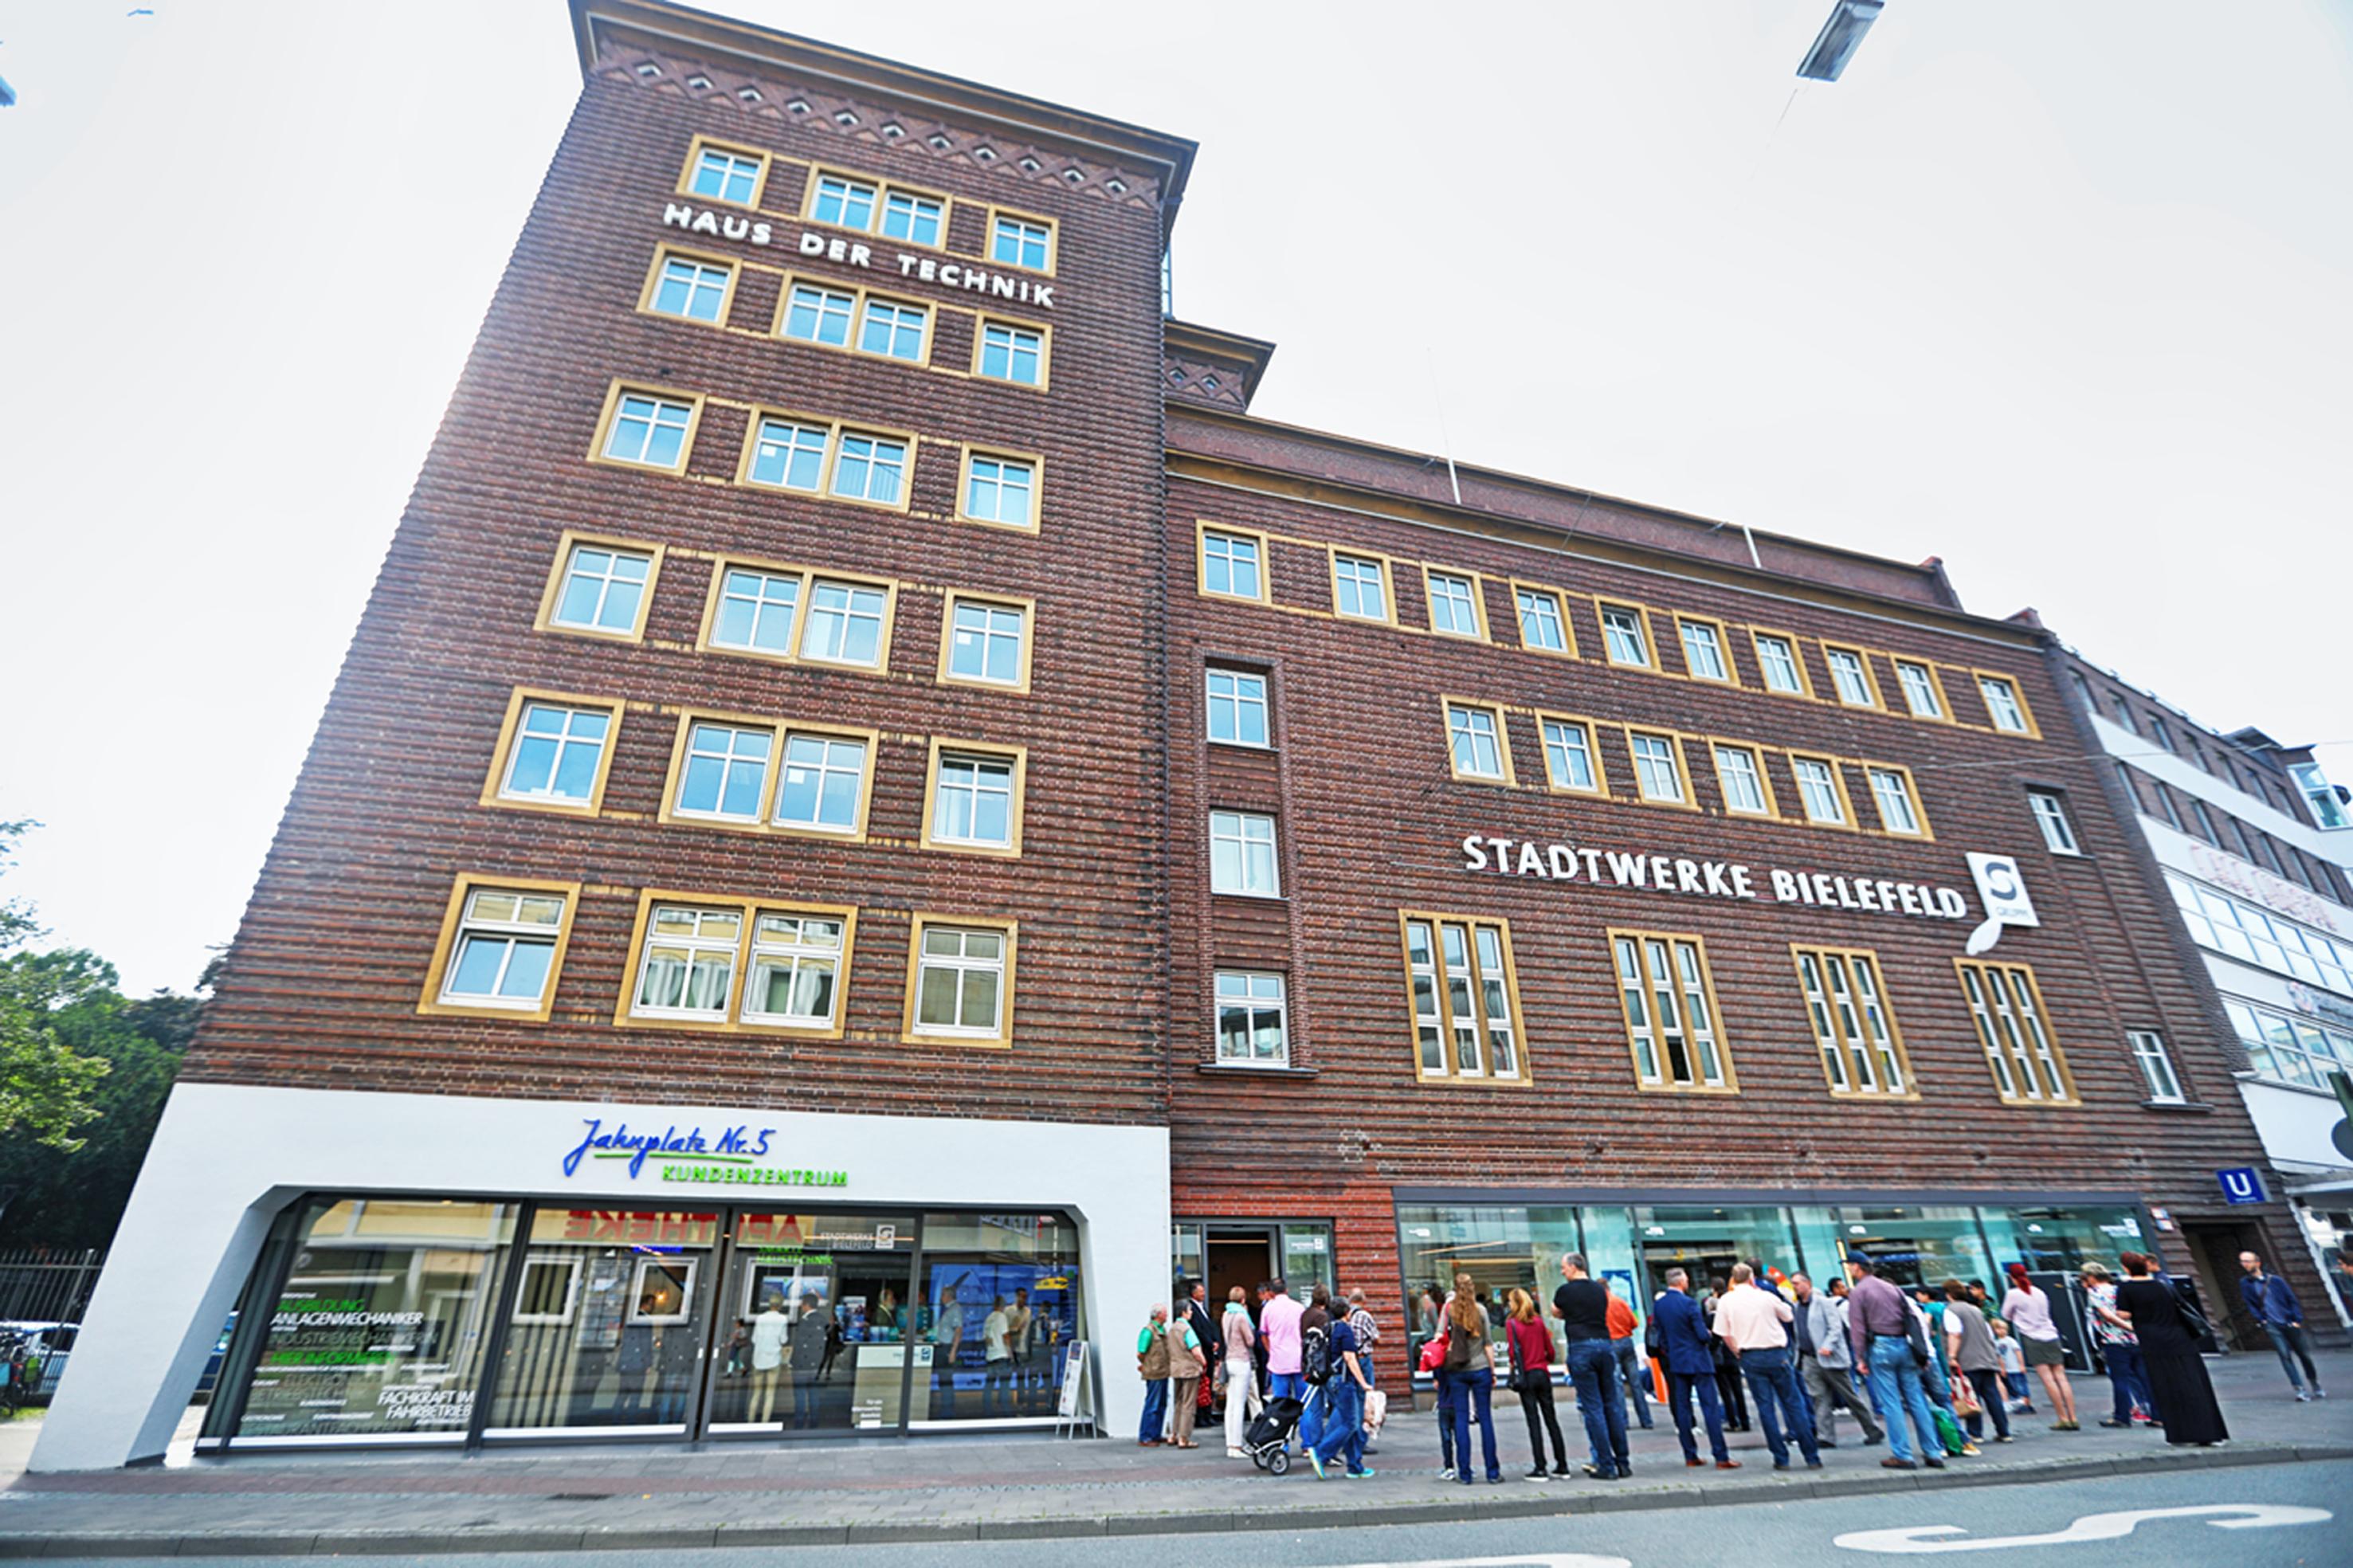 Jahnplatz Nr 5